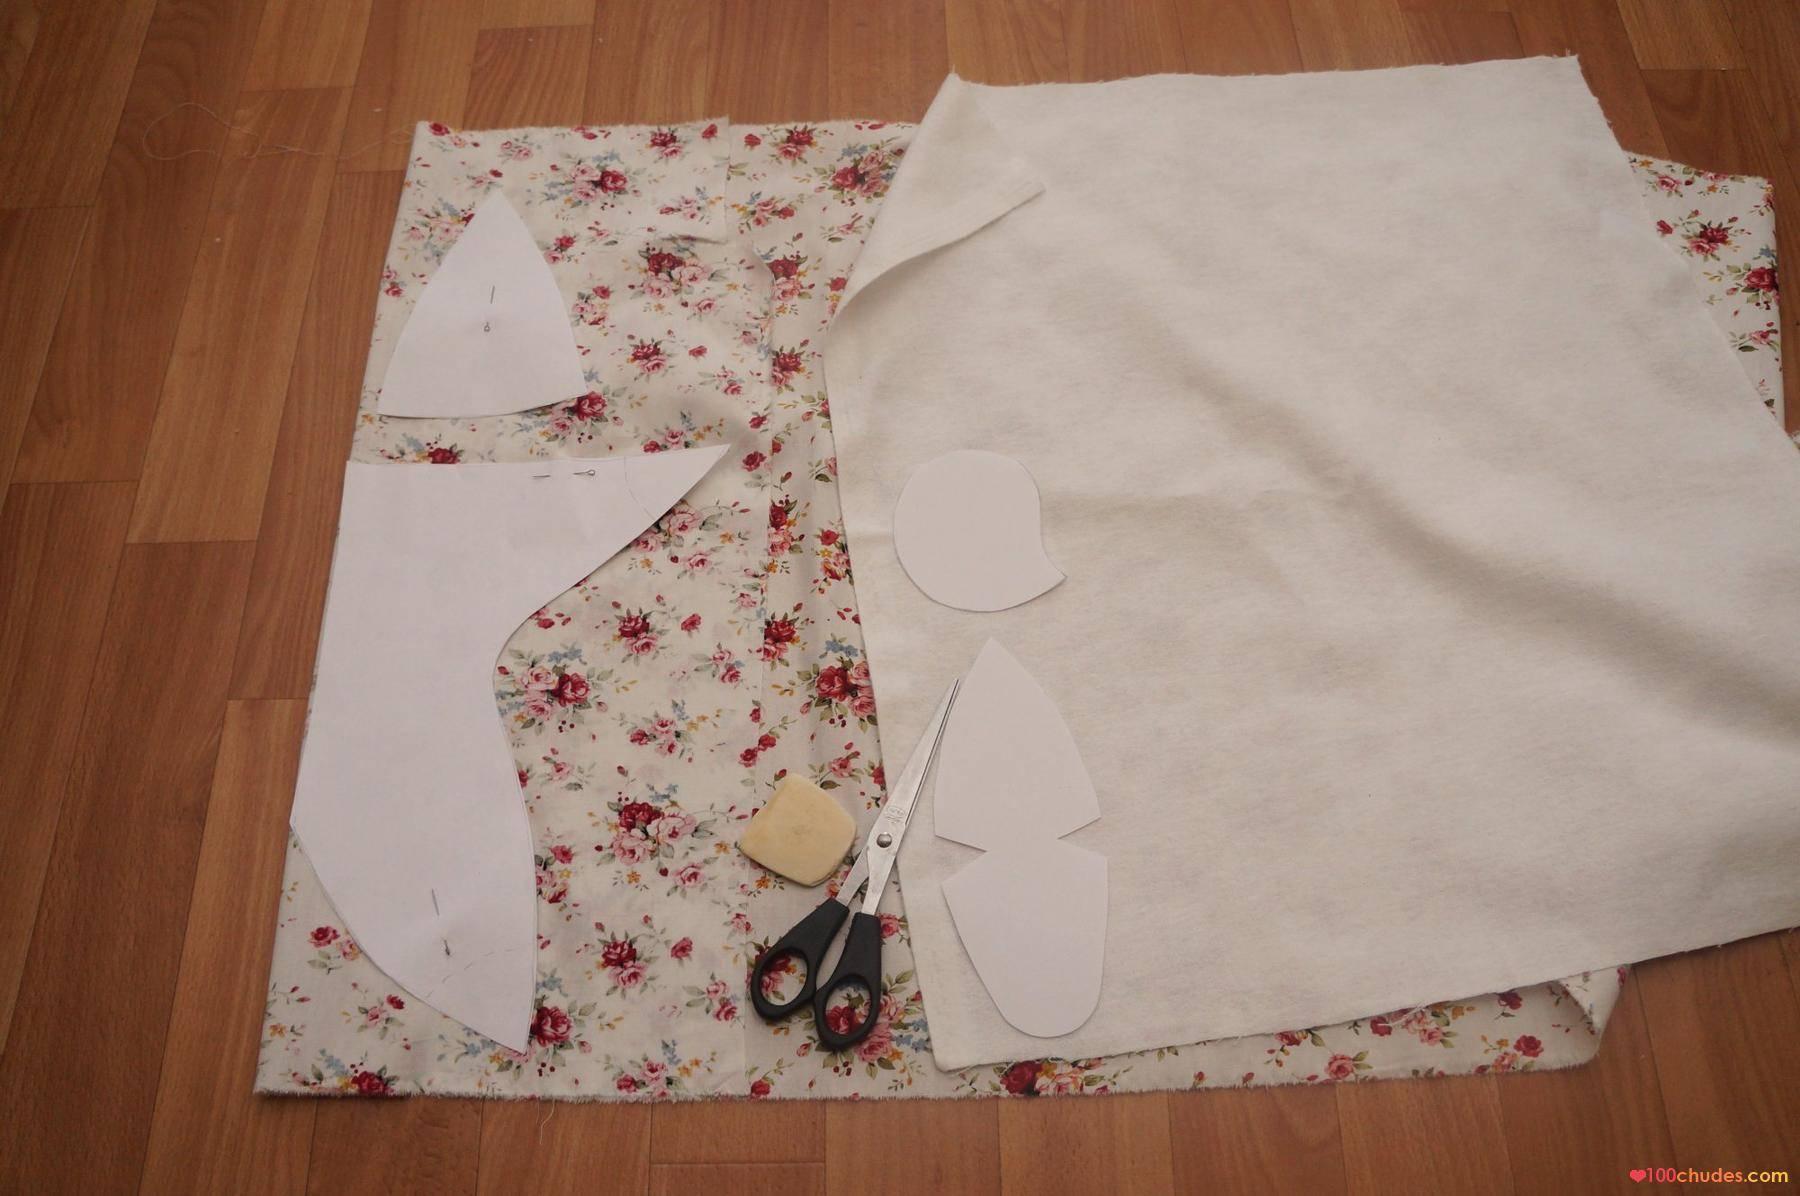 Комфортер что это такое, comforter мастер-класс своими руками, comforter для новорожденных крючком и кусок